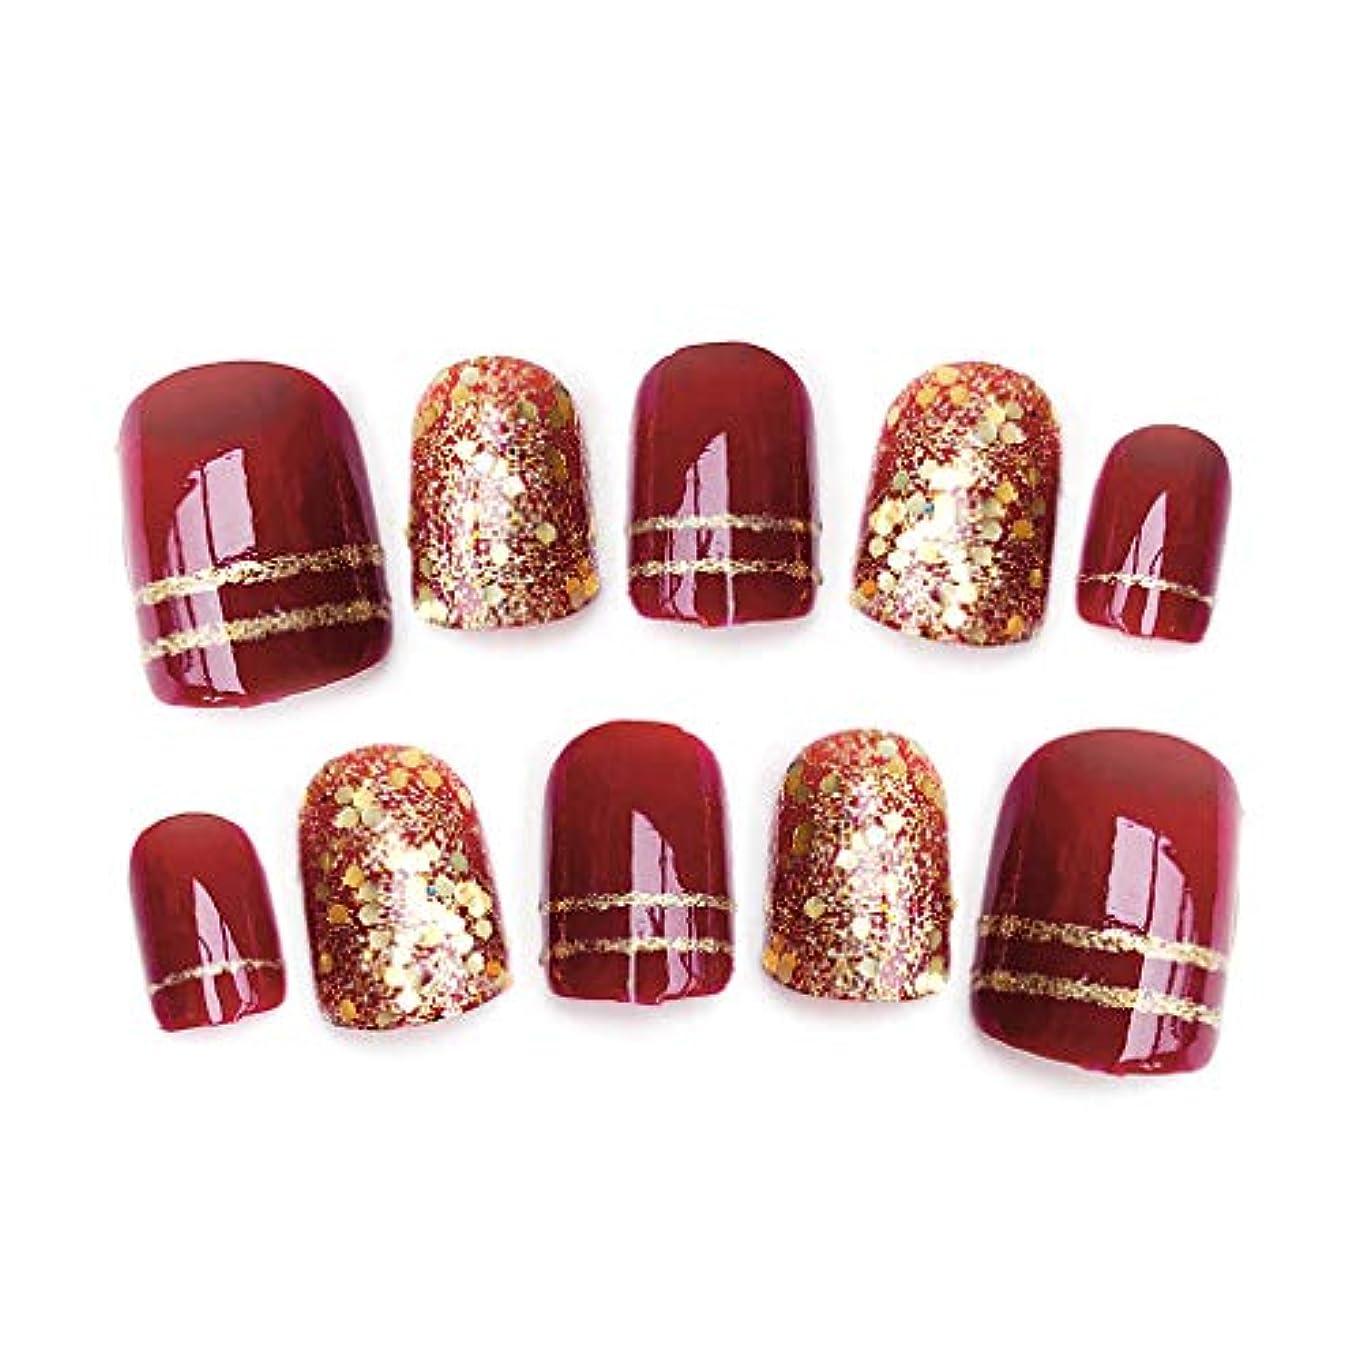 混雑重力広告Sharring 24pcs光沢のある赤い偽の指の爪光沢のある花嫁結婚式ショートデザイン偽ネイルアートのヒント [並行輸入品]